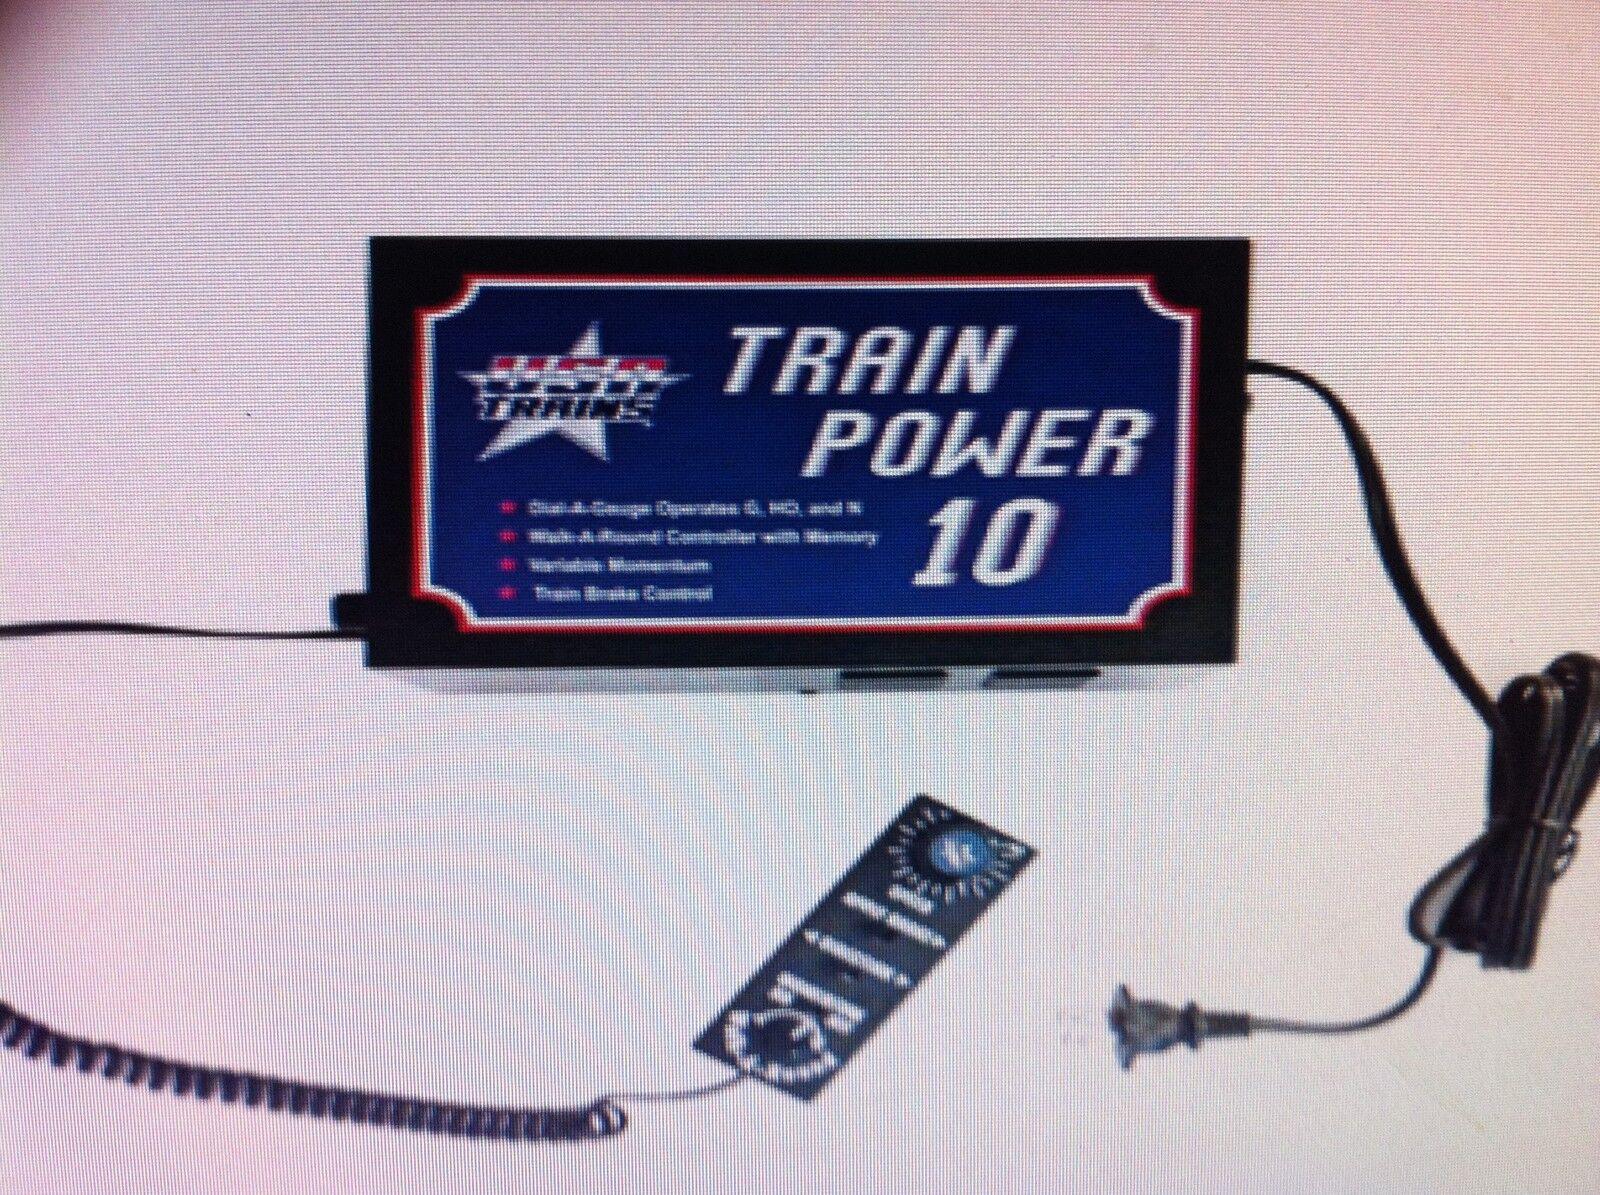 USA Trains RTP10 Train Power 10 Amp Walk Around Power Supply w Momentum